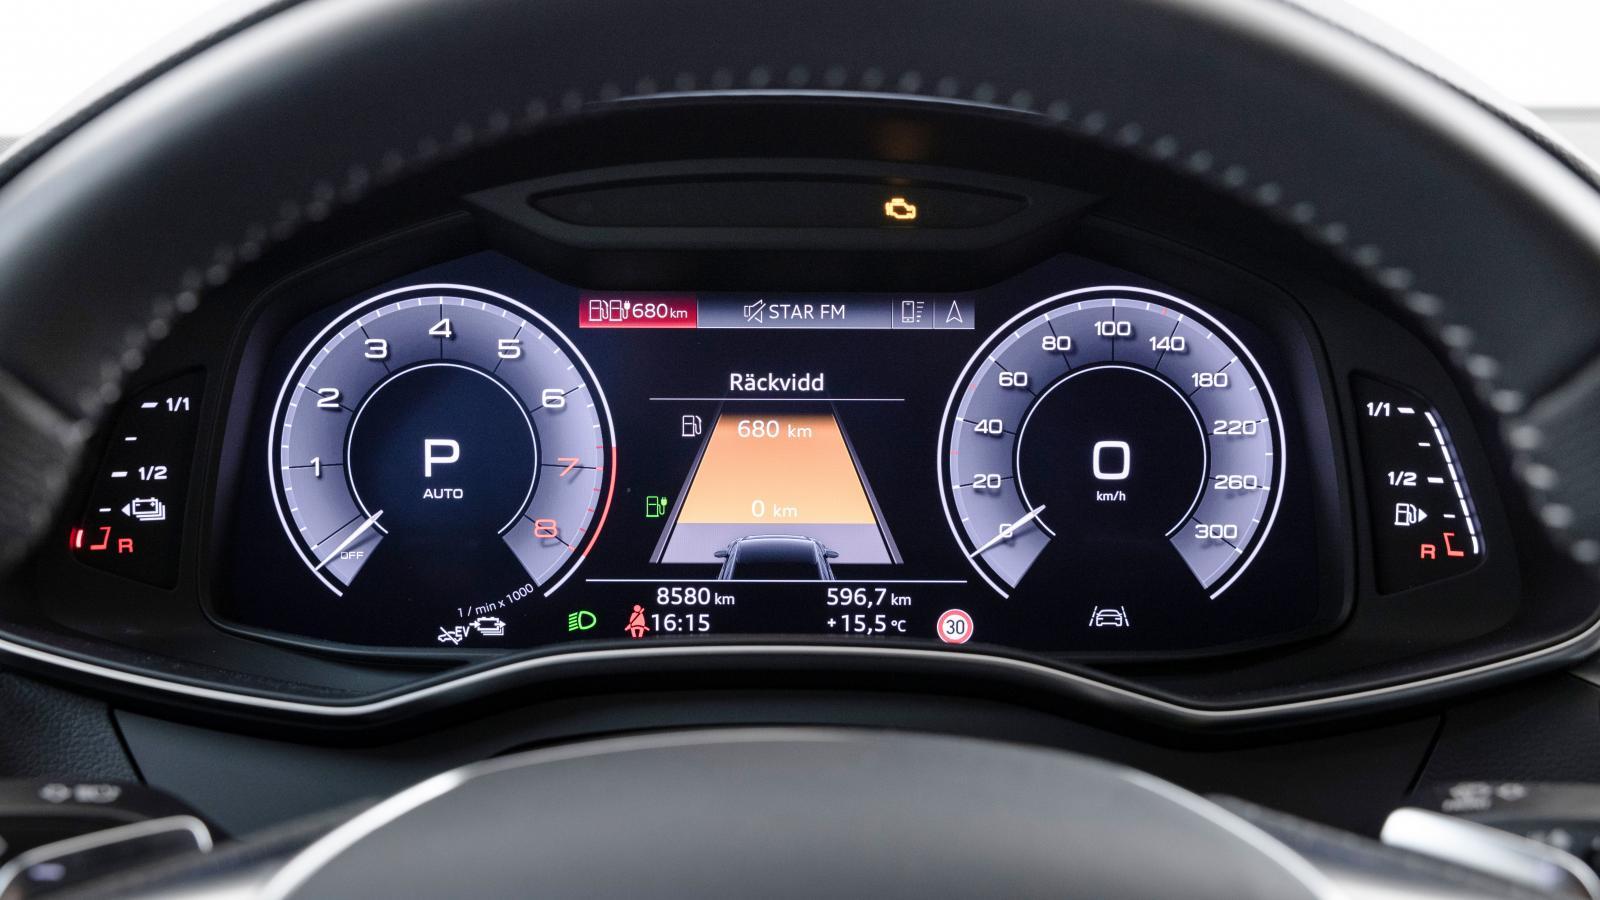 """Audis """"virtual cockpit"""" är standardutrustning på laddhybriden. Det finns flera vyvariationer, exempelvis en jättekarta eller som här en tydlig räckviddsvisning."""